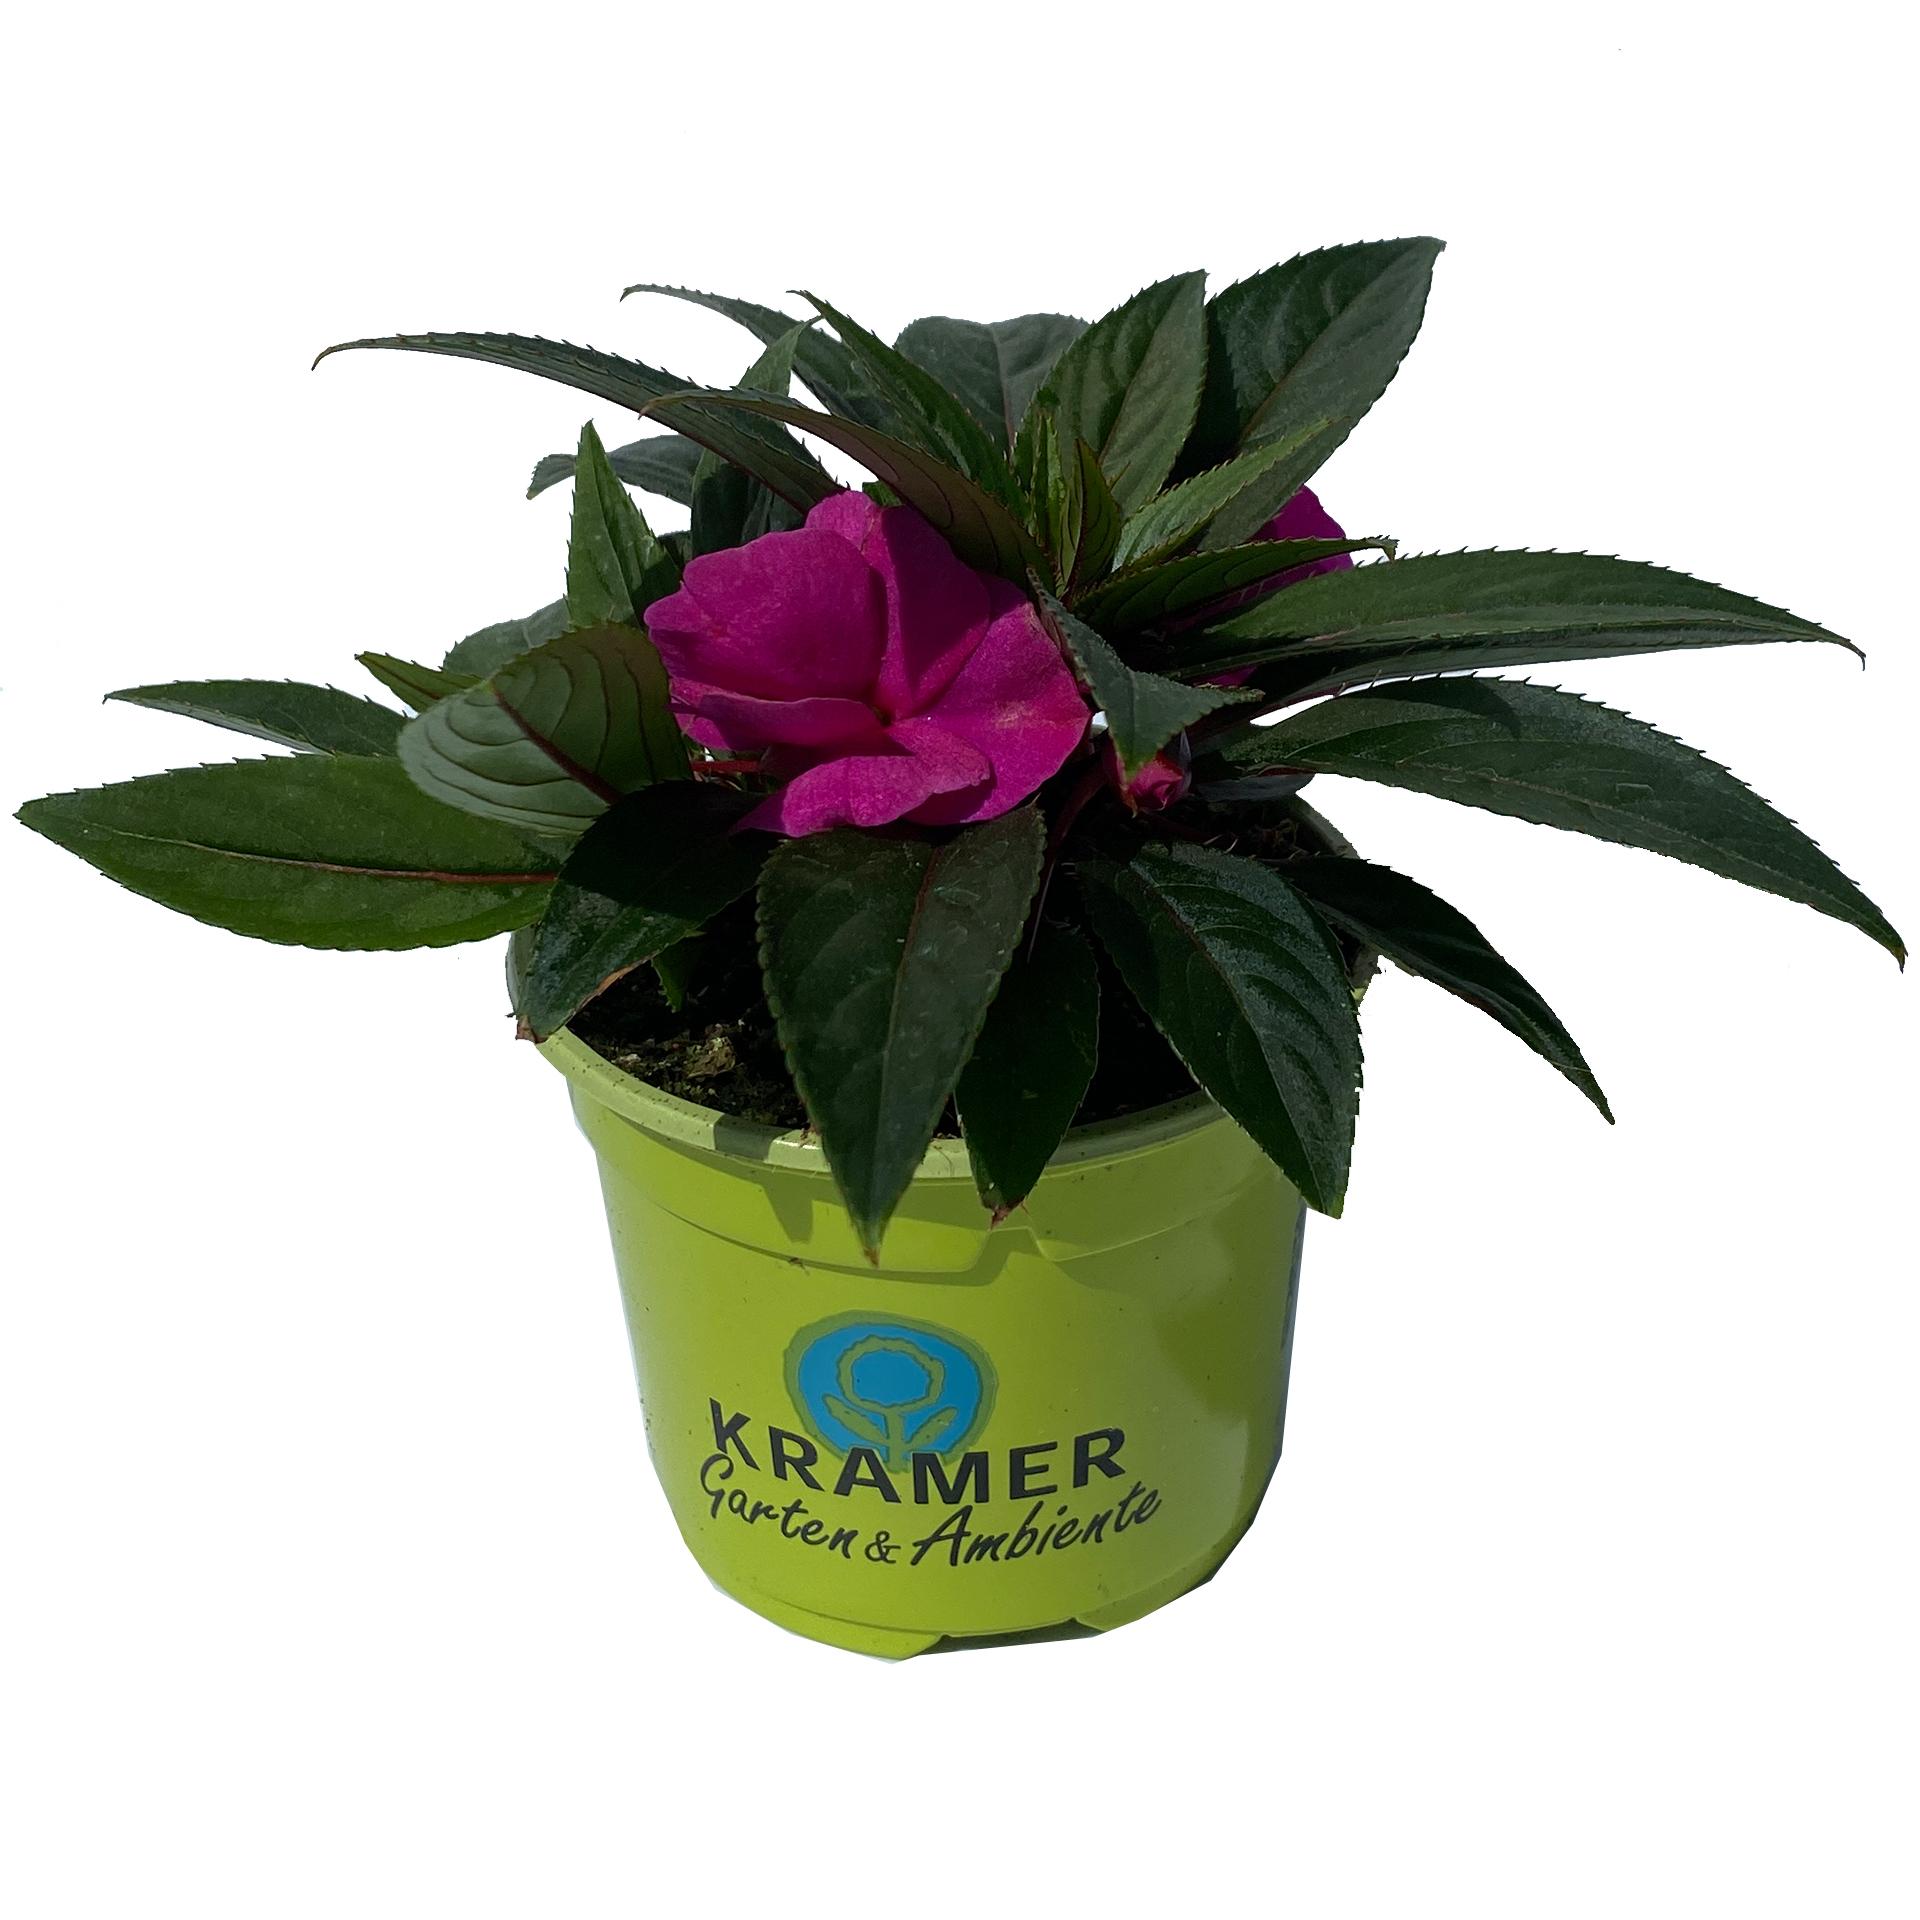 Edellieschen mini - Impatiens Neuguinea-Hybride 'Bonita Sarchi' lila, 11cm Topf